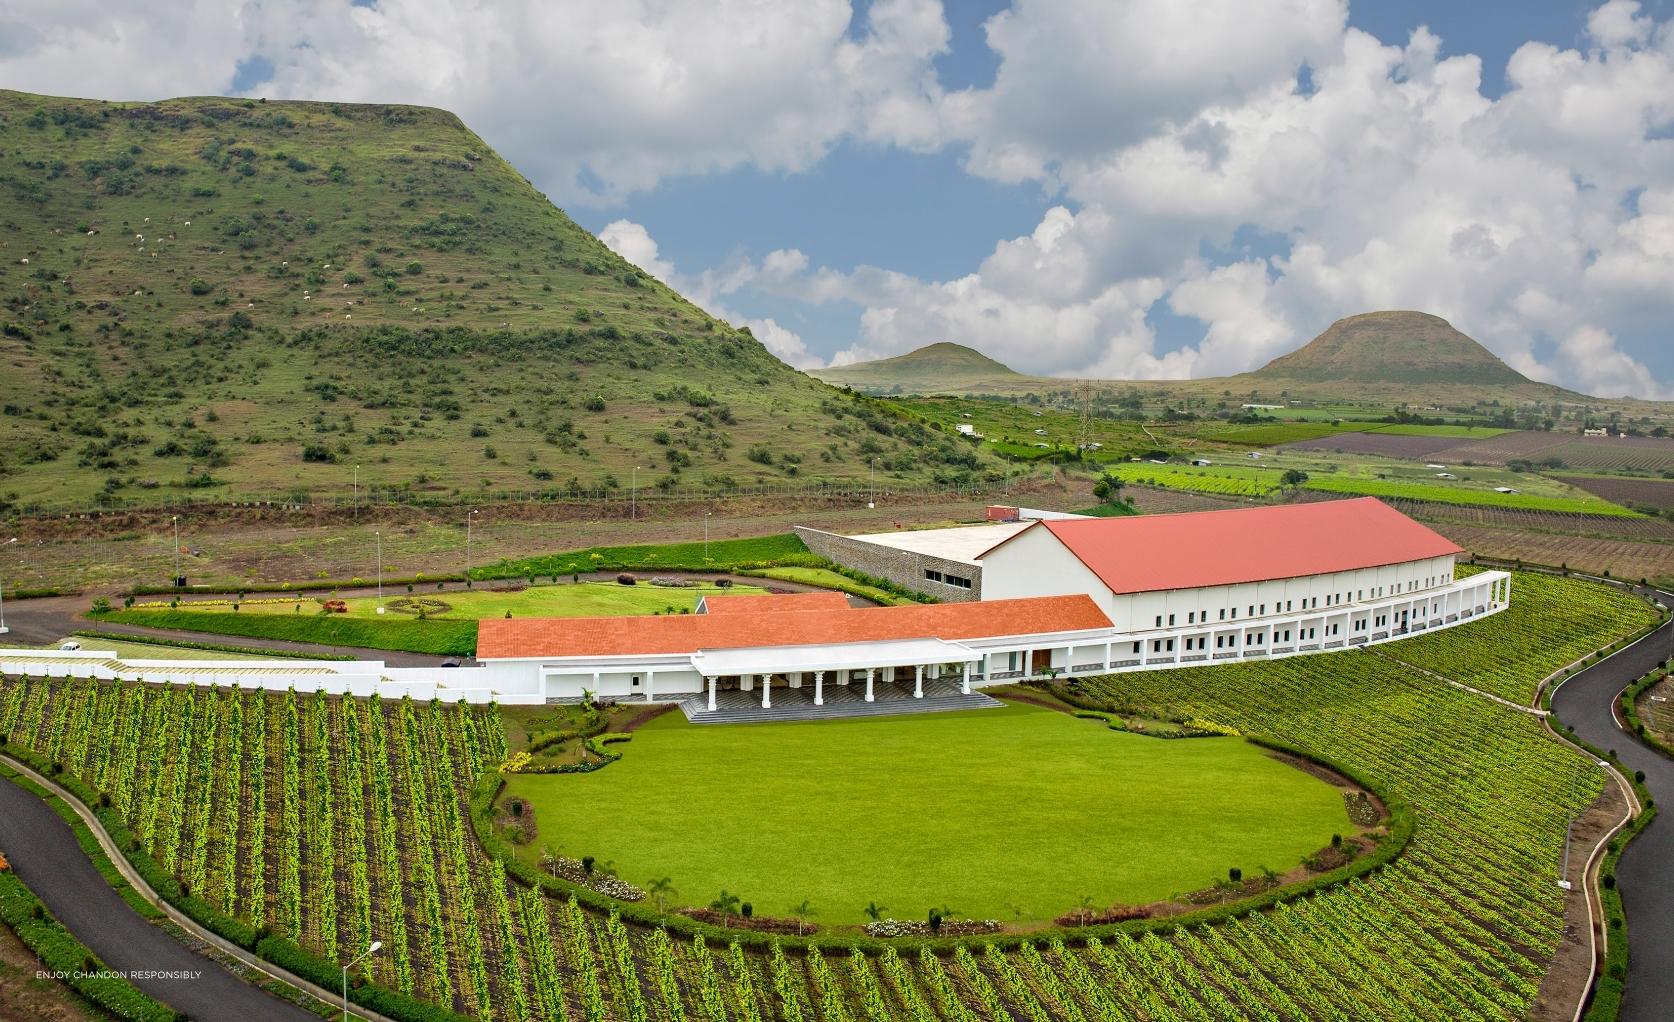 Winery-Nasik-valley-wines